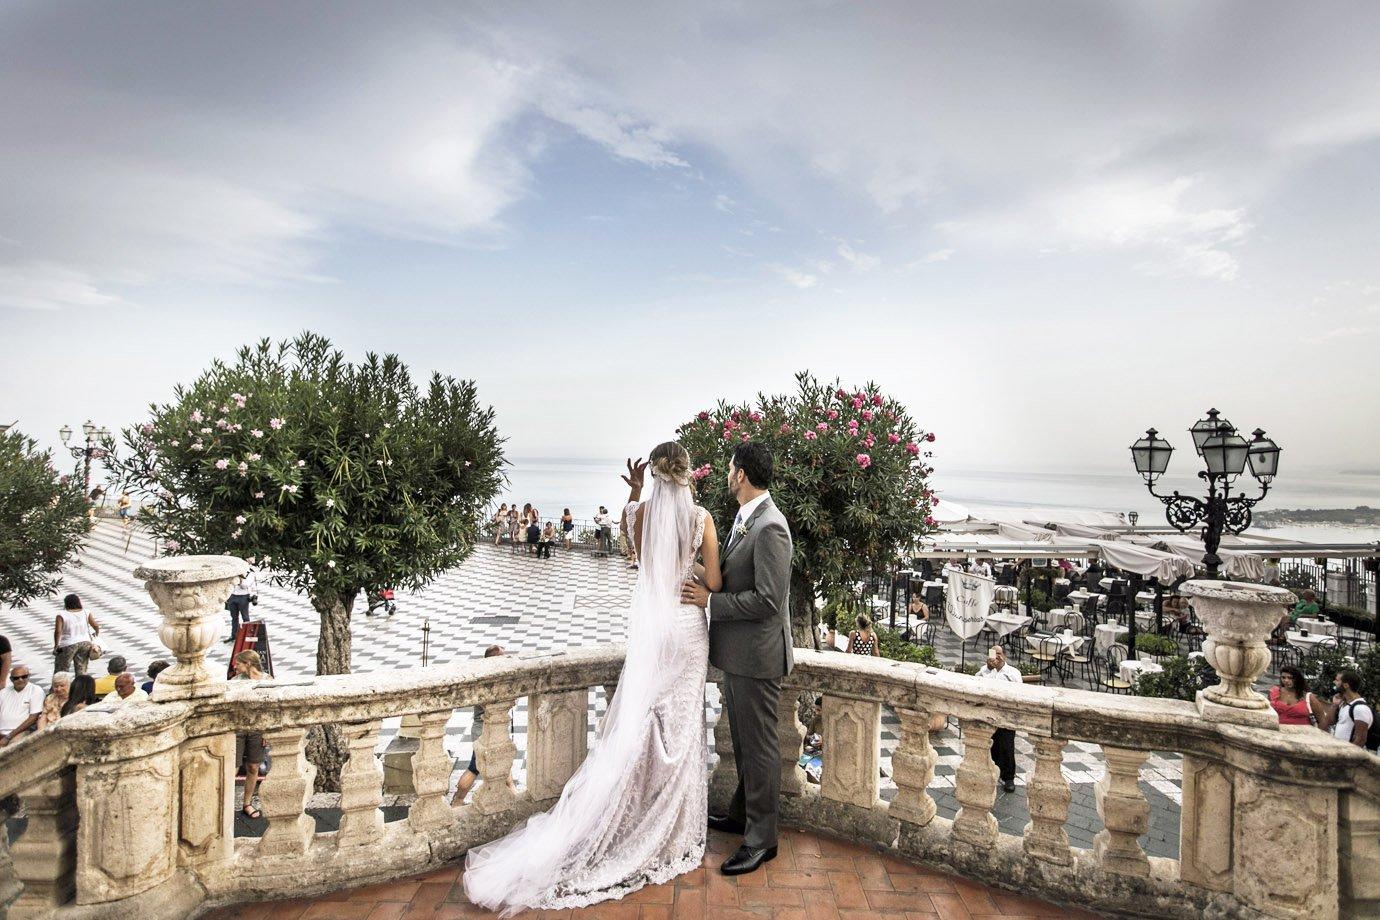 Casamento organizado pela Cinqtours na Itália